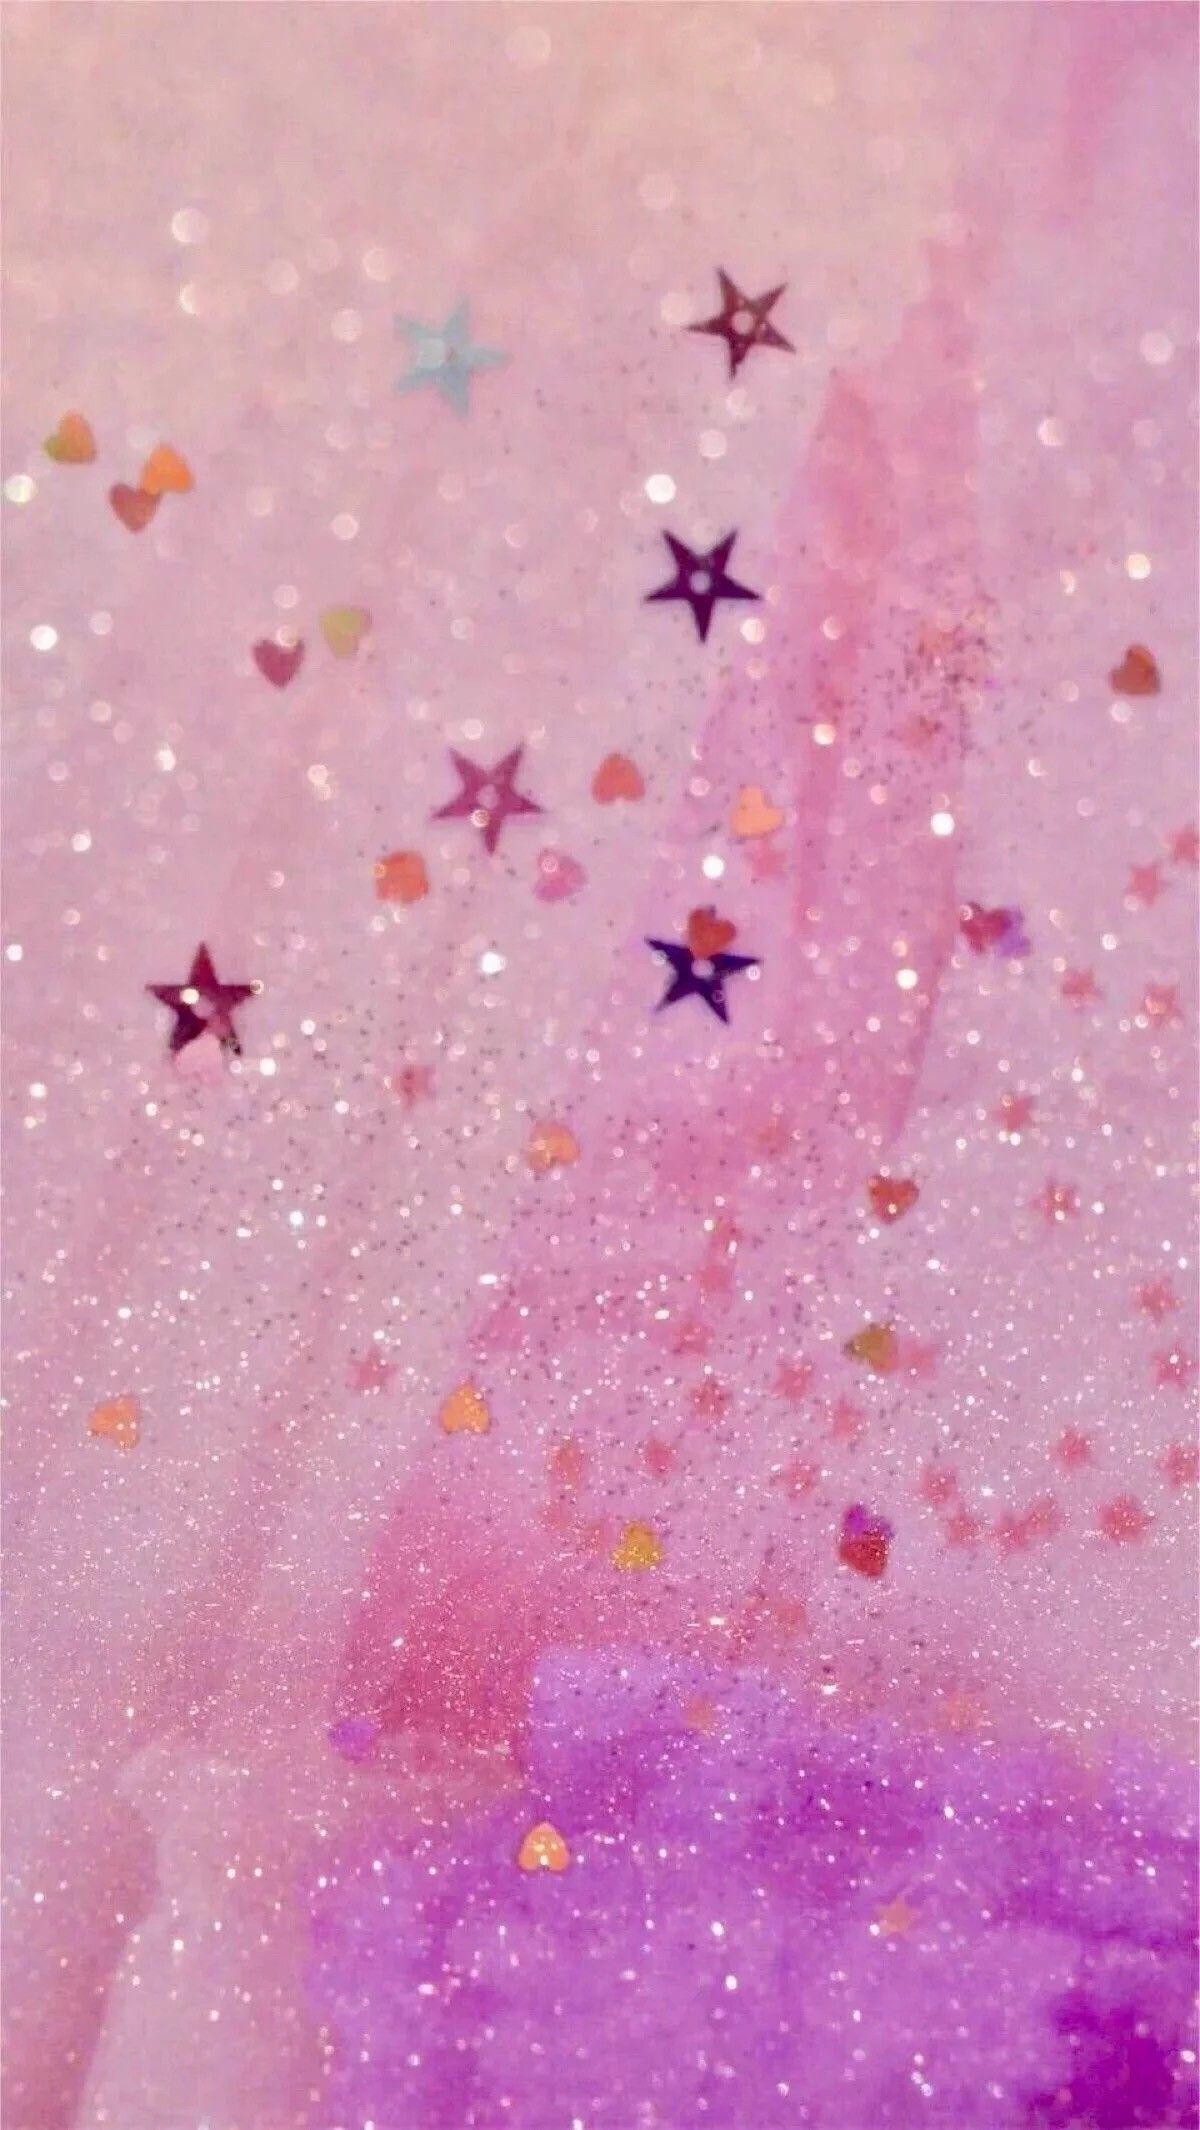 Glitter Aesthetic Tumblr Wallpapers ...